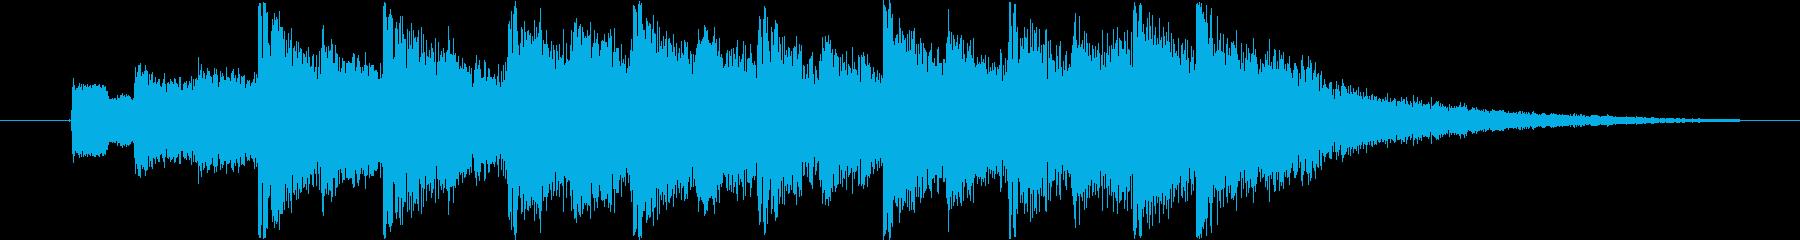 6秒ジングル用、さわやかなエレクトロの再生済みの波形